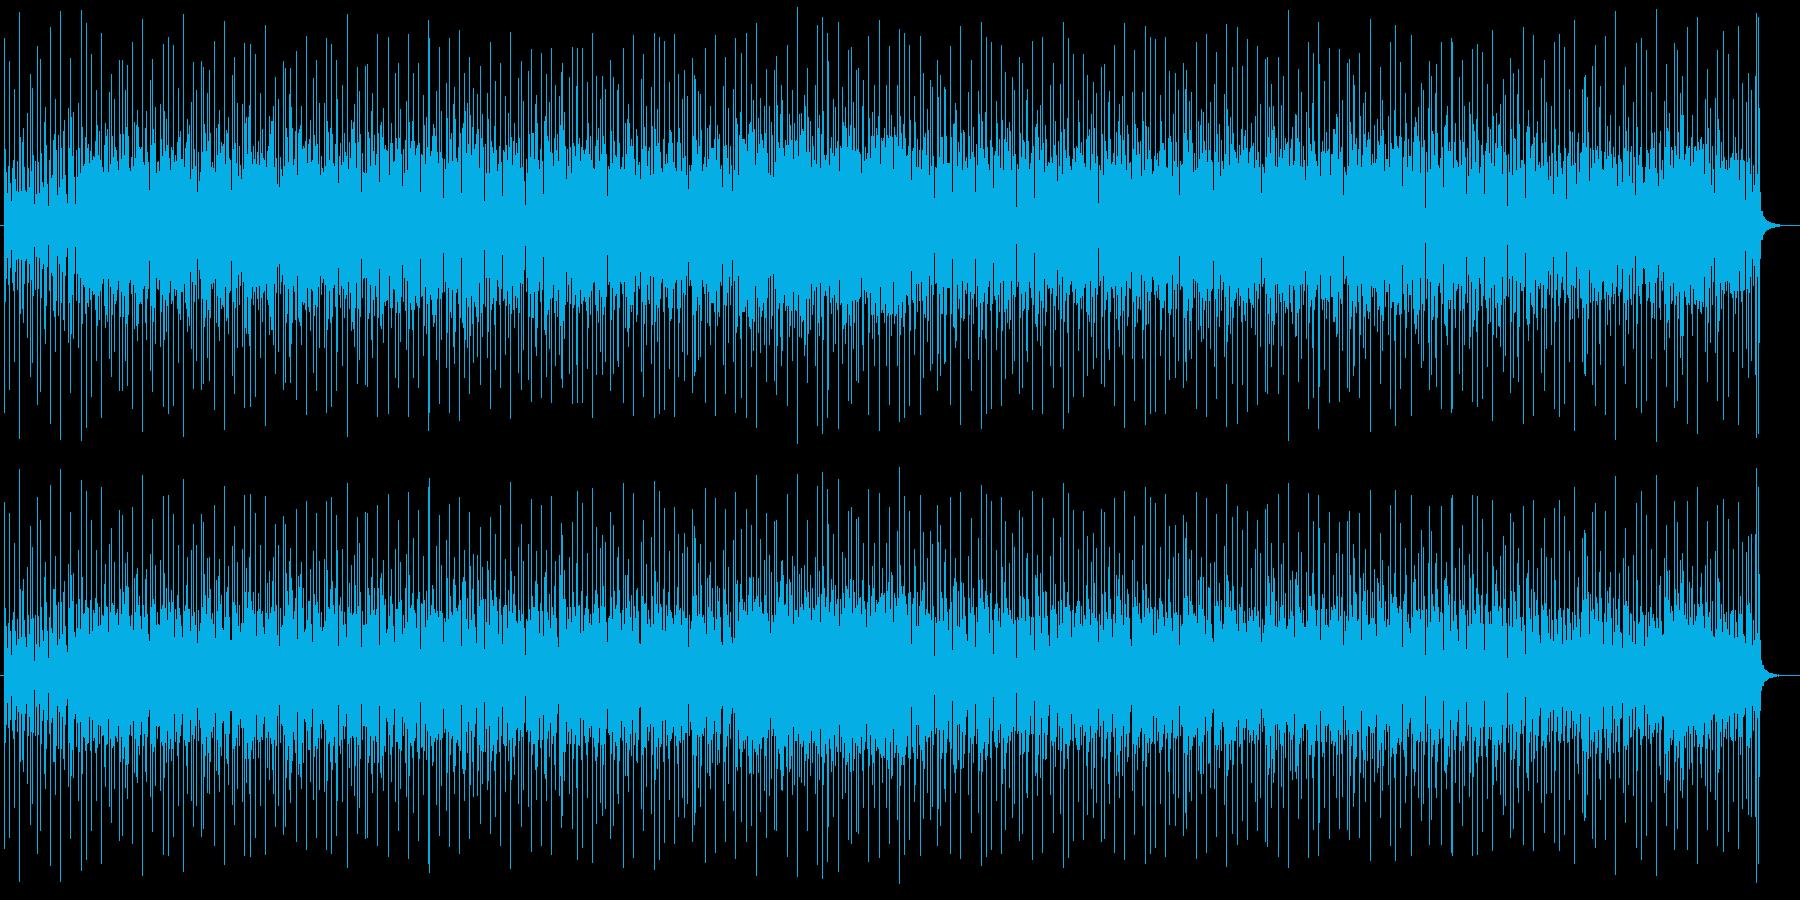 無機質なテクノポップ系の再生済みの波形